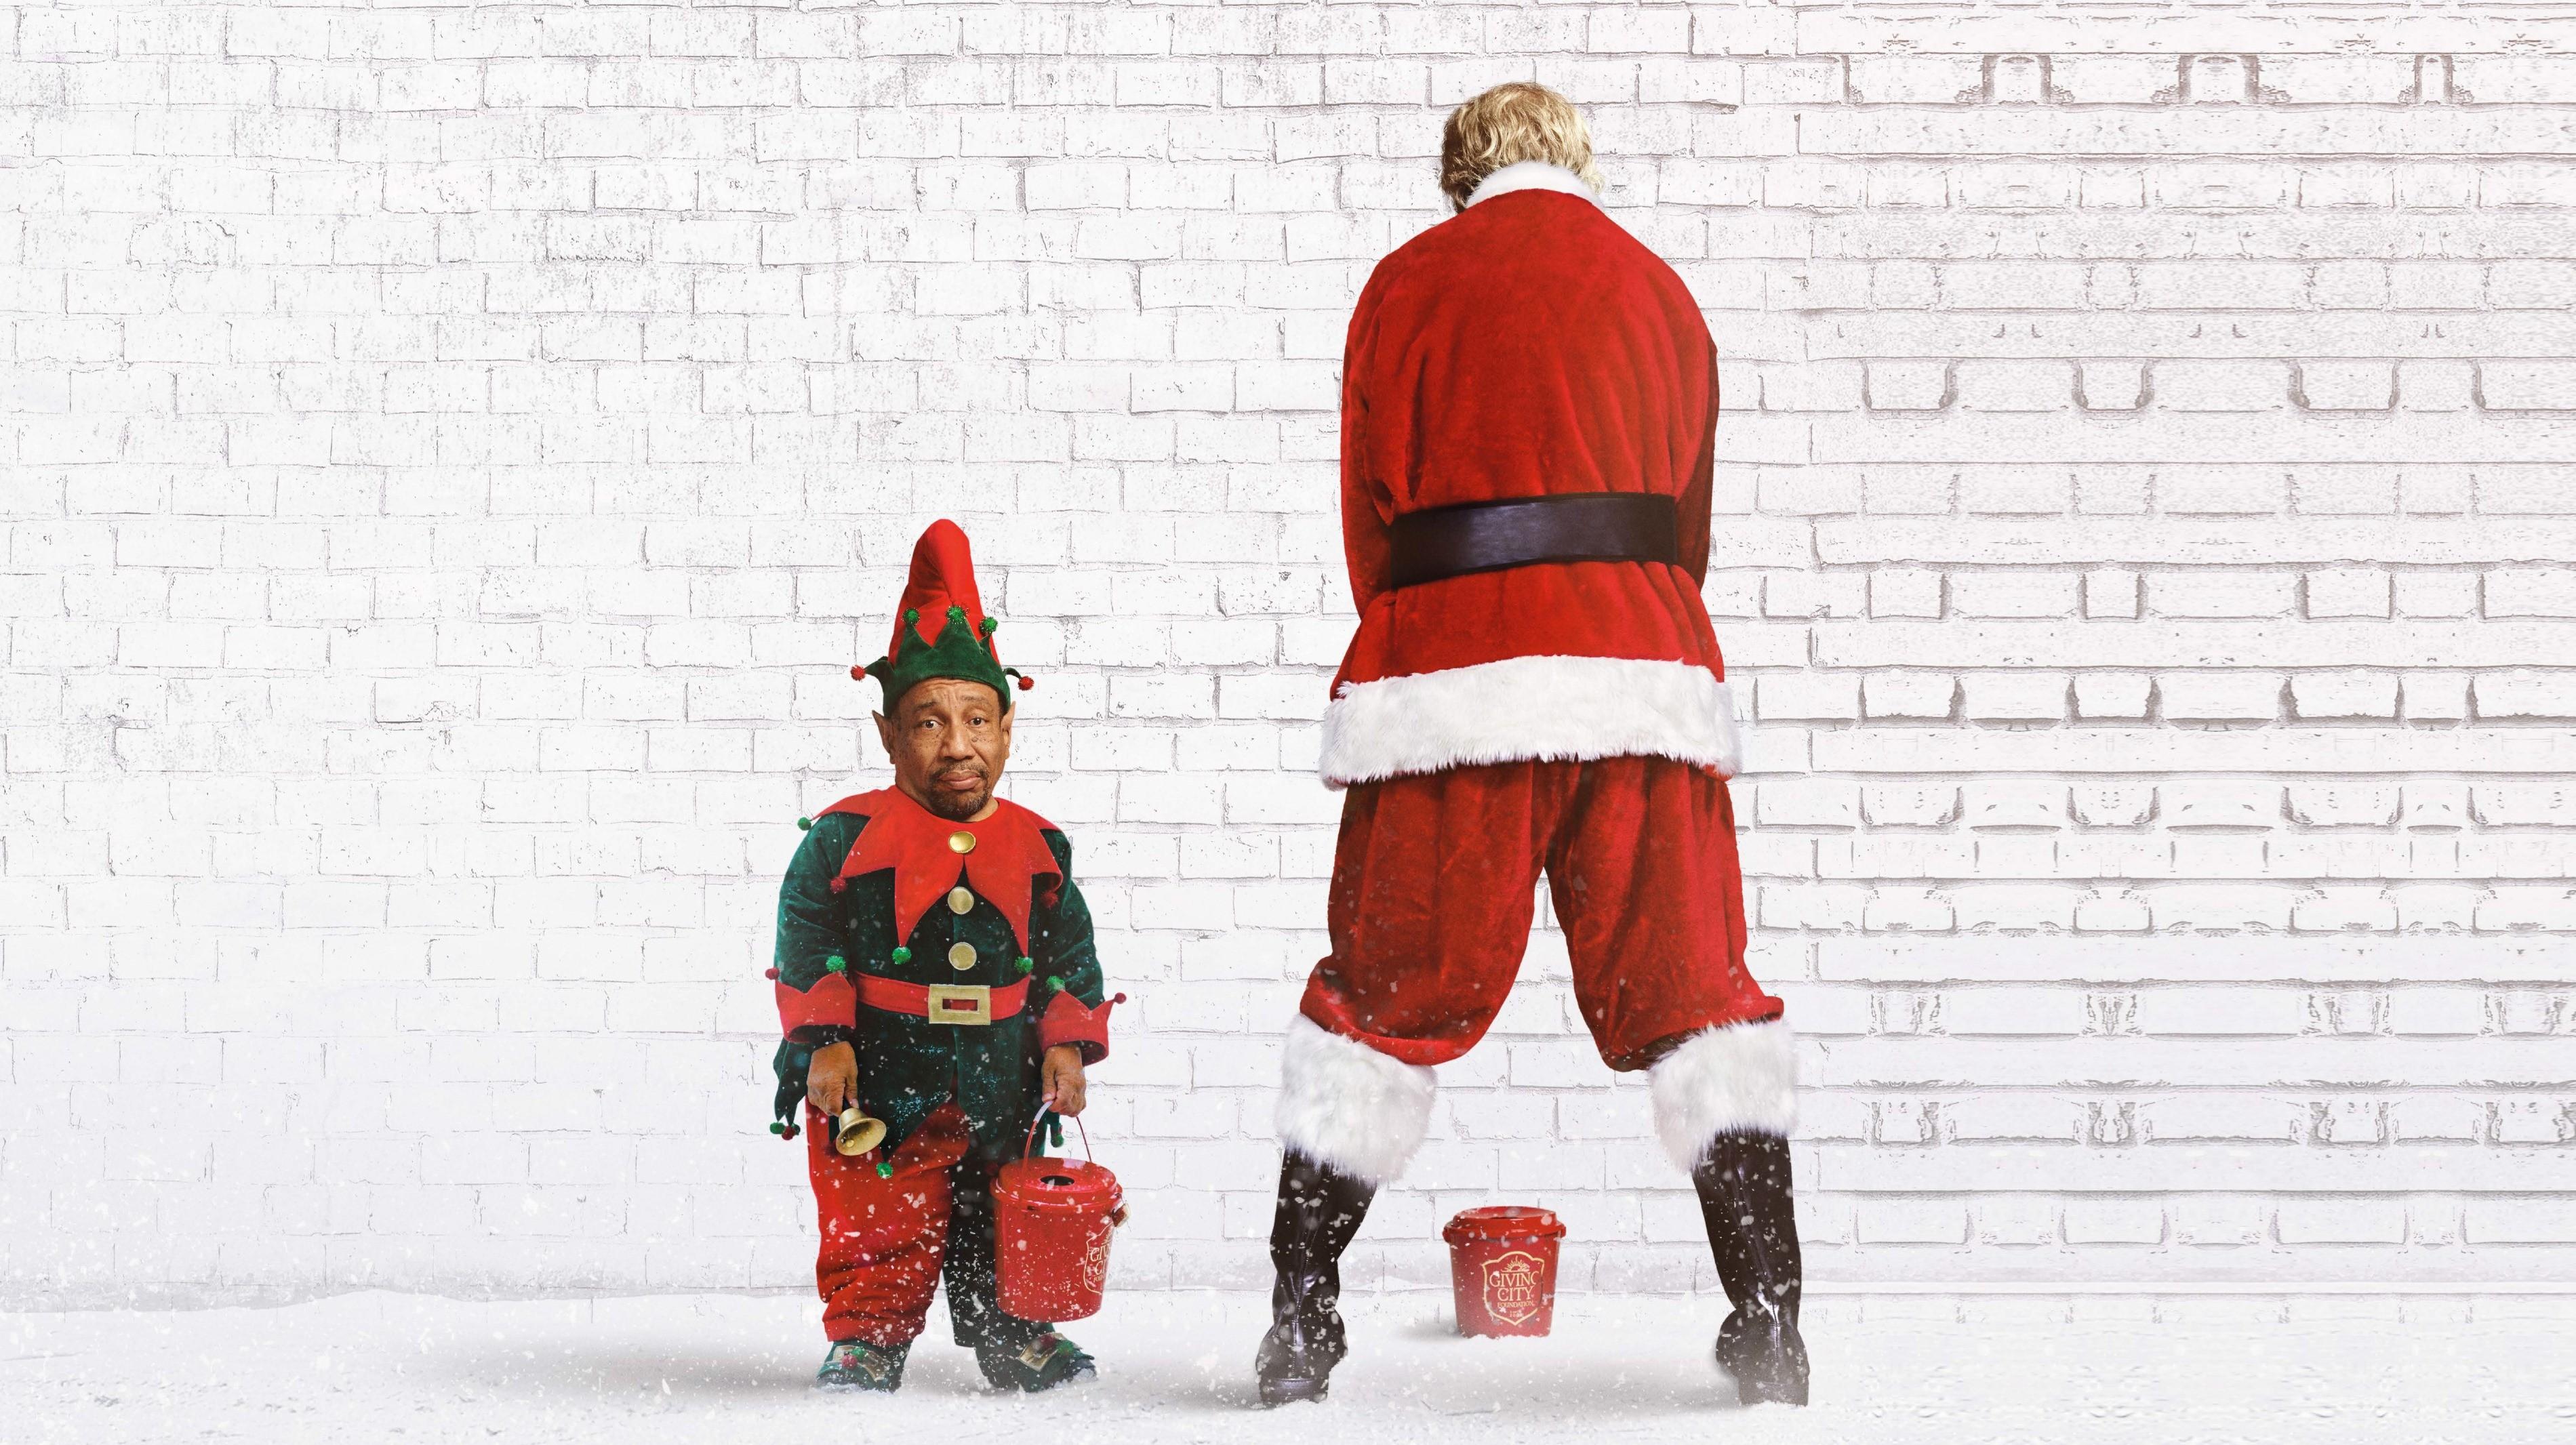 your resolution 1024x1024 - Santa And Christmas 2